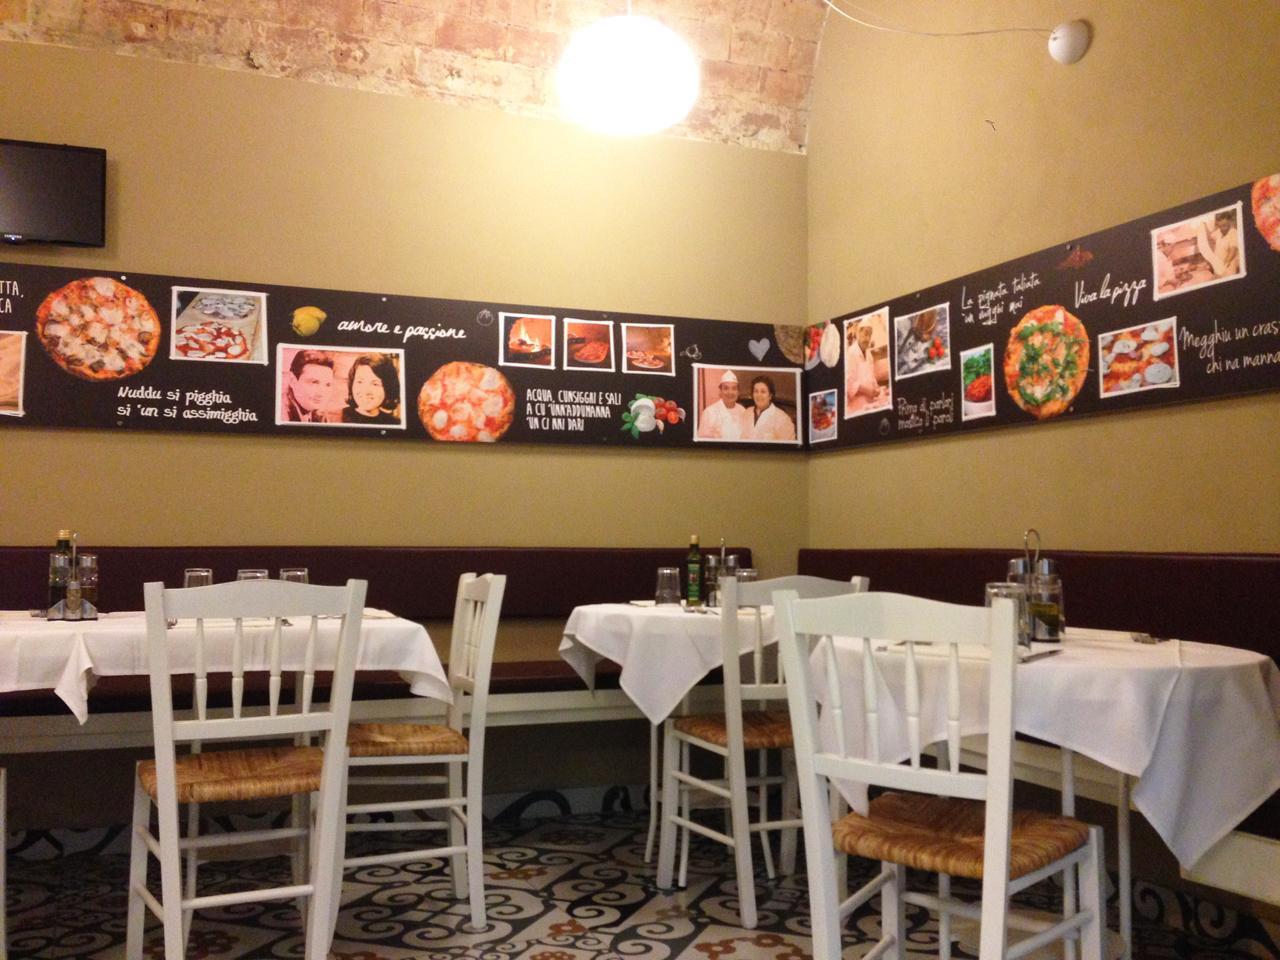 Ristorante-Pizzeria Antica Trapanese